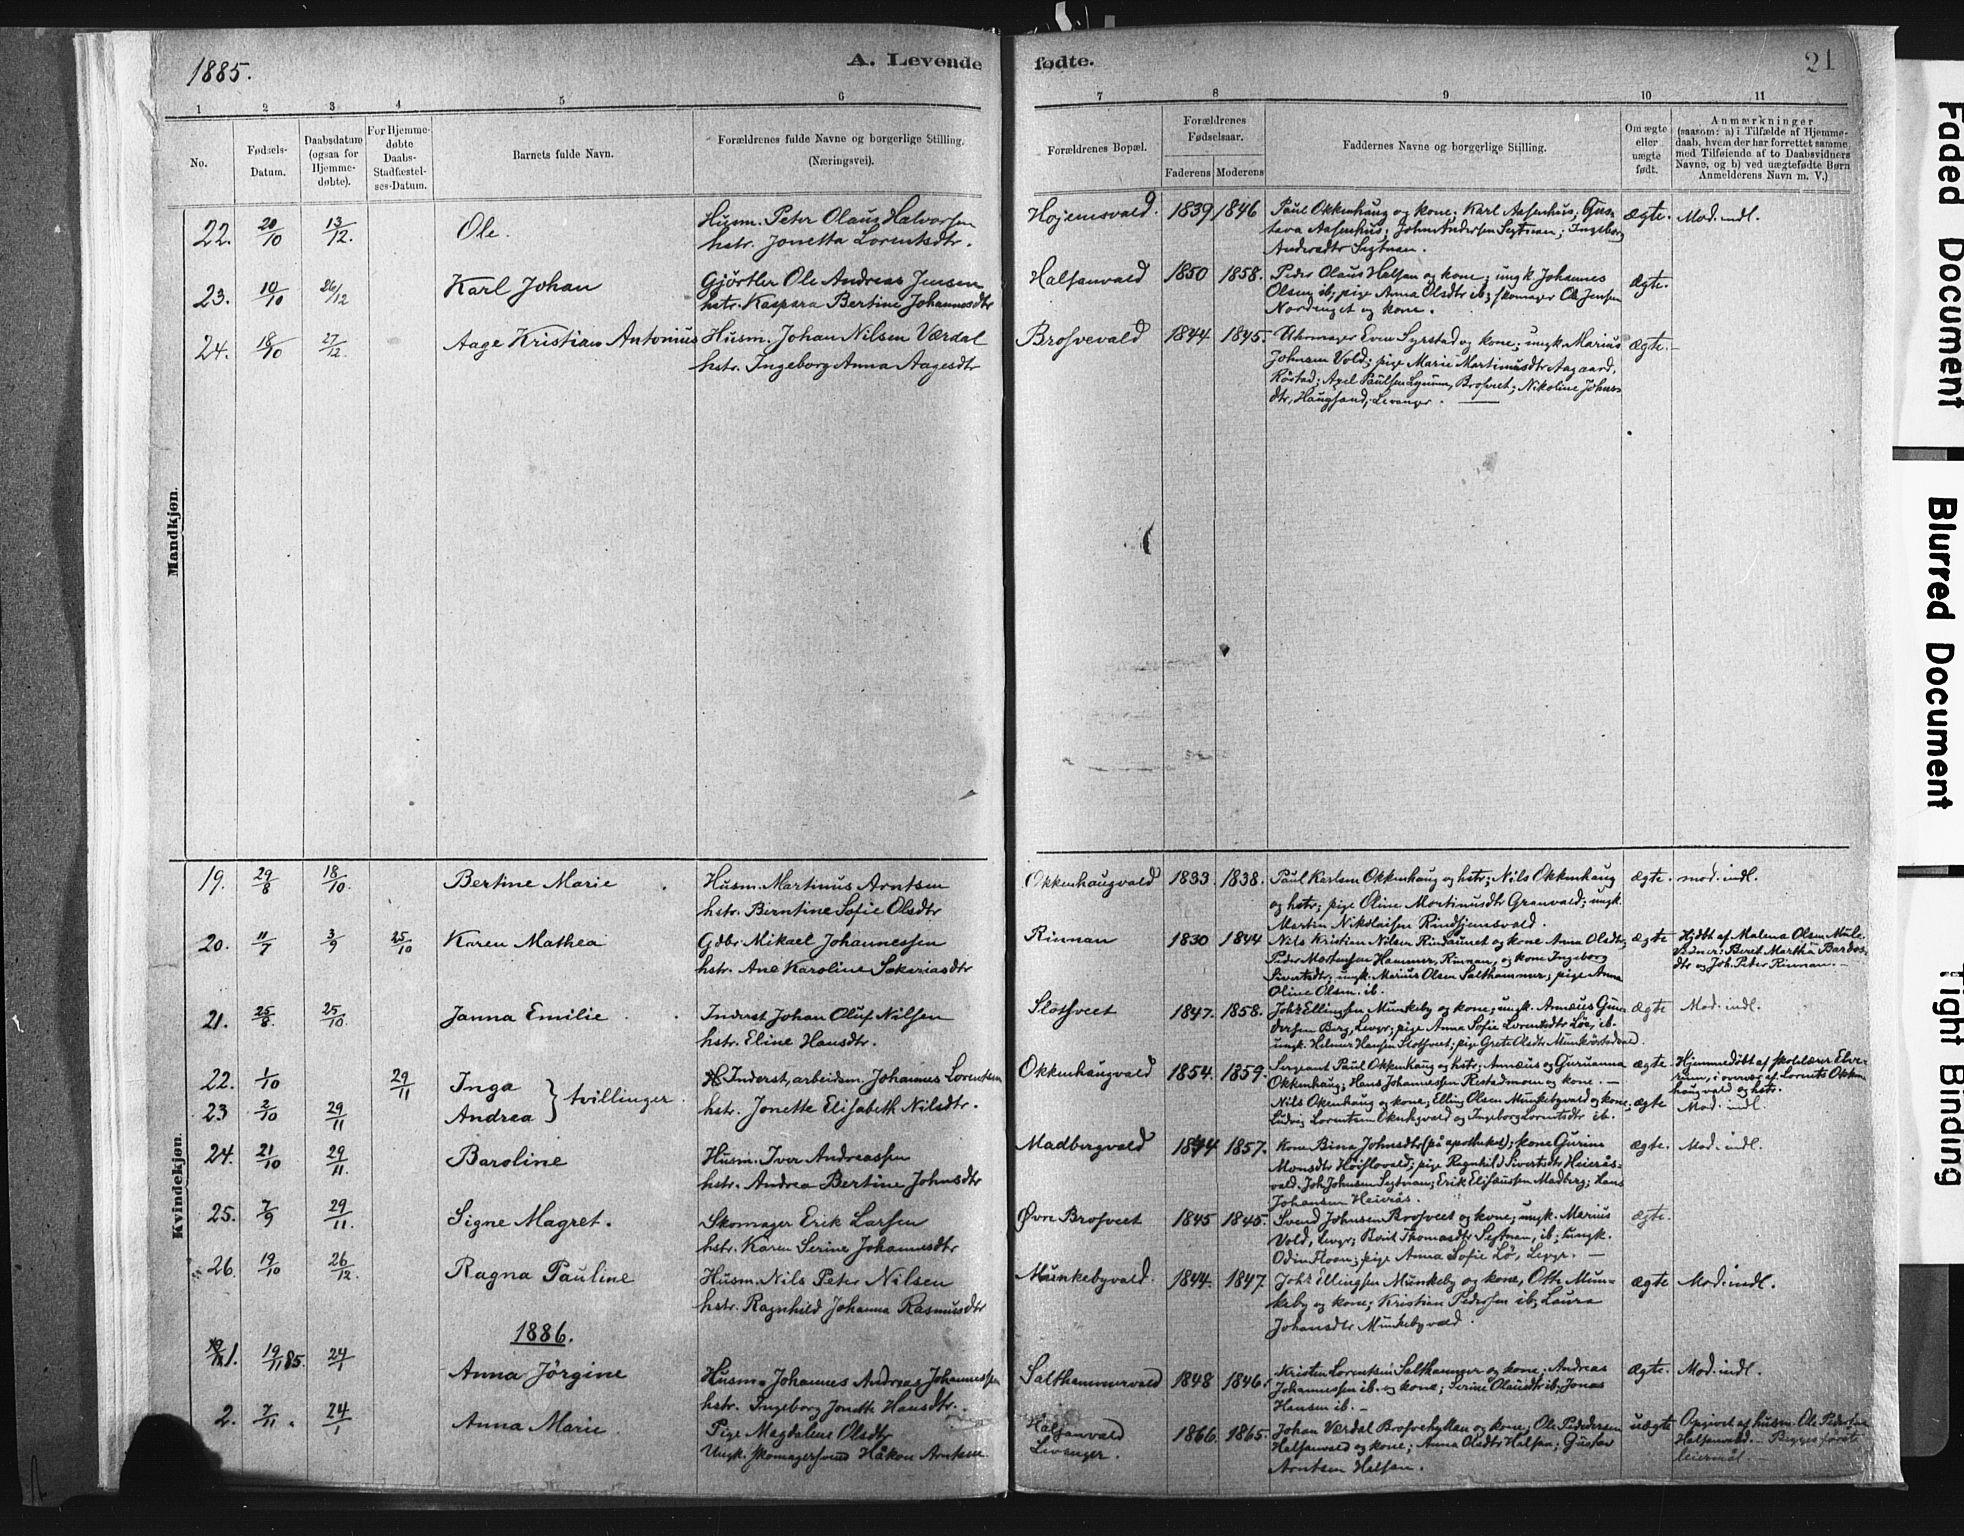 SAT, Ministerialprotokoller, klokkerbøker og fødselsregistre - Nord-Trøndelag, 721/L0207: Ministerialbok nr. 721A02, 1880-1911, s. 21